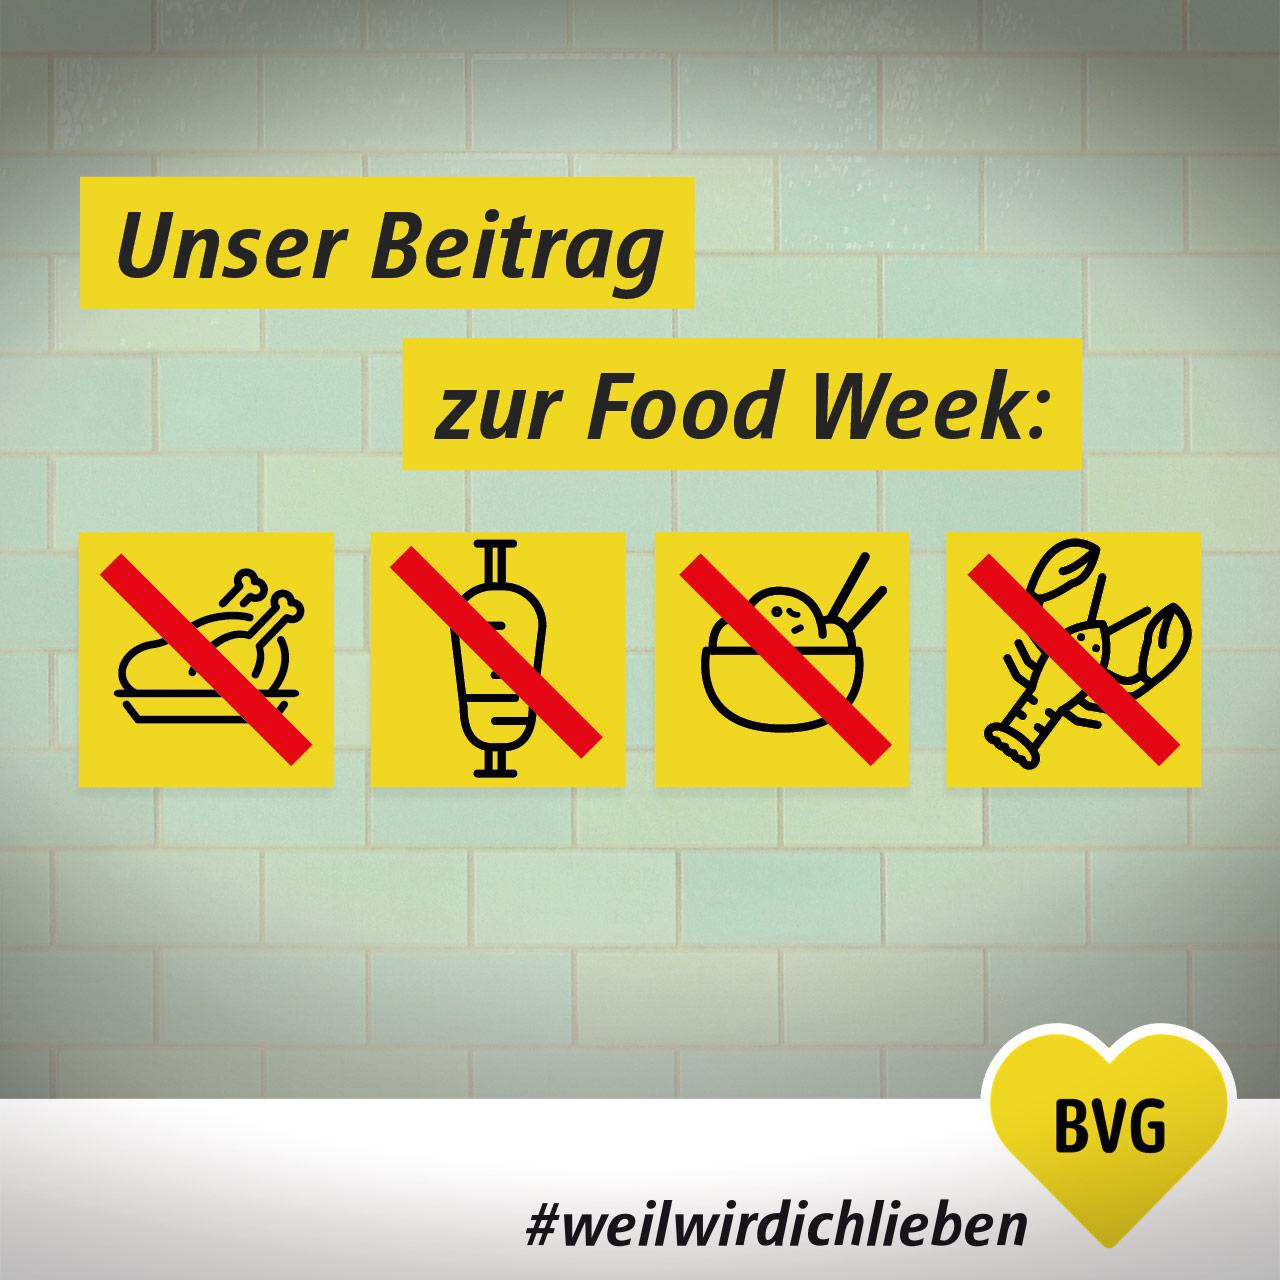 BVG_191017_Newsfeed_foodweek_FB_IG_1280x1280px